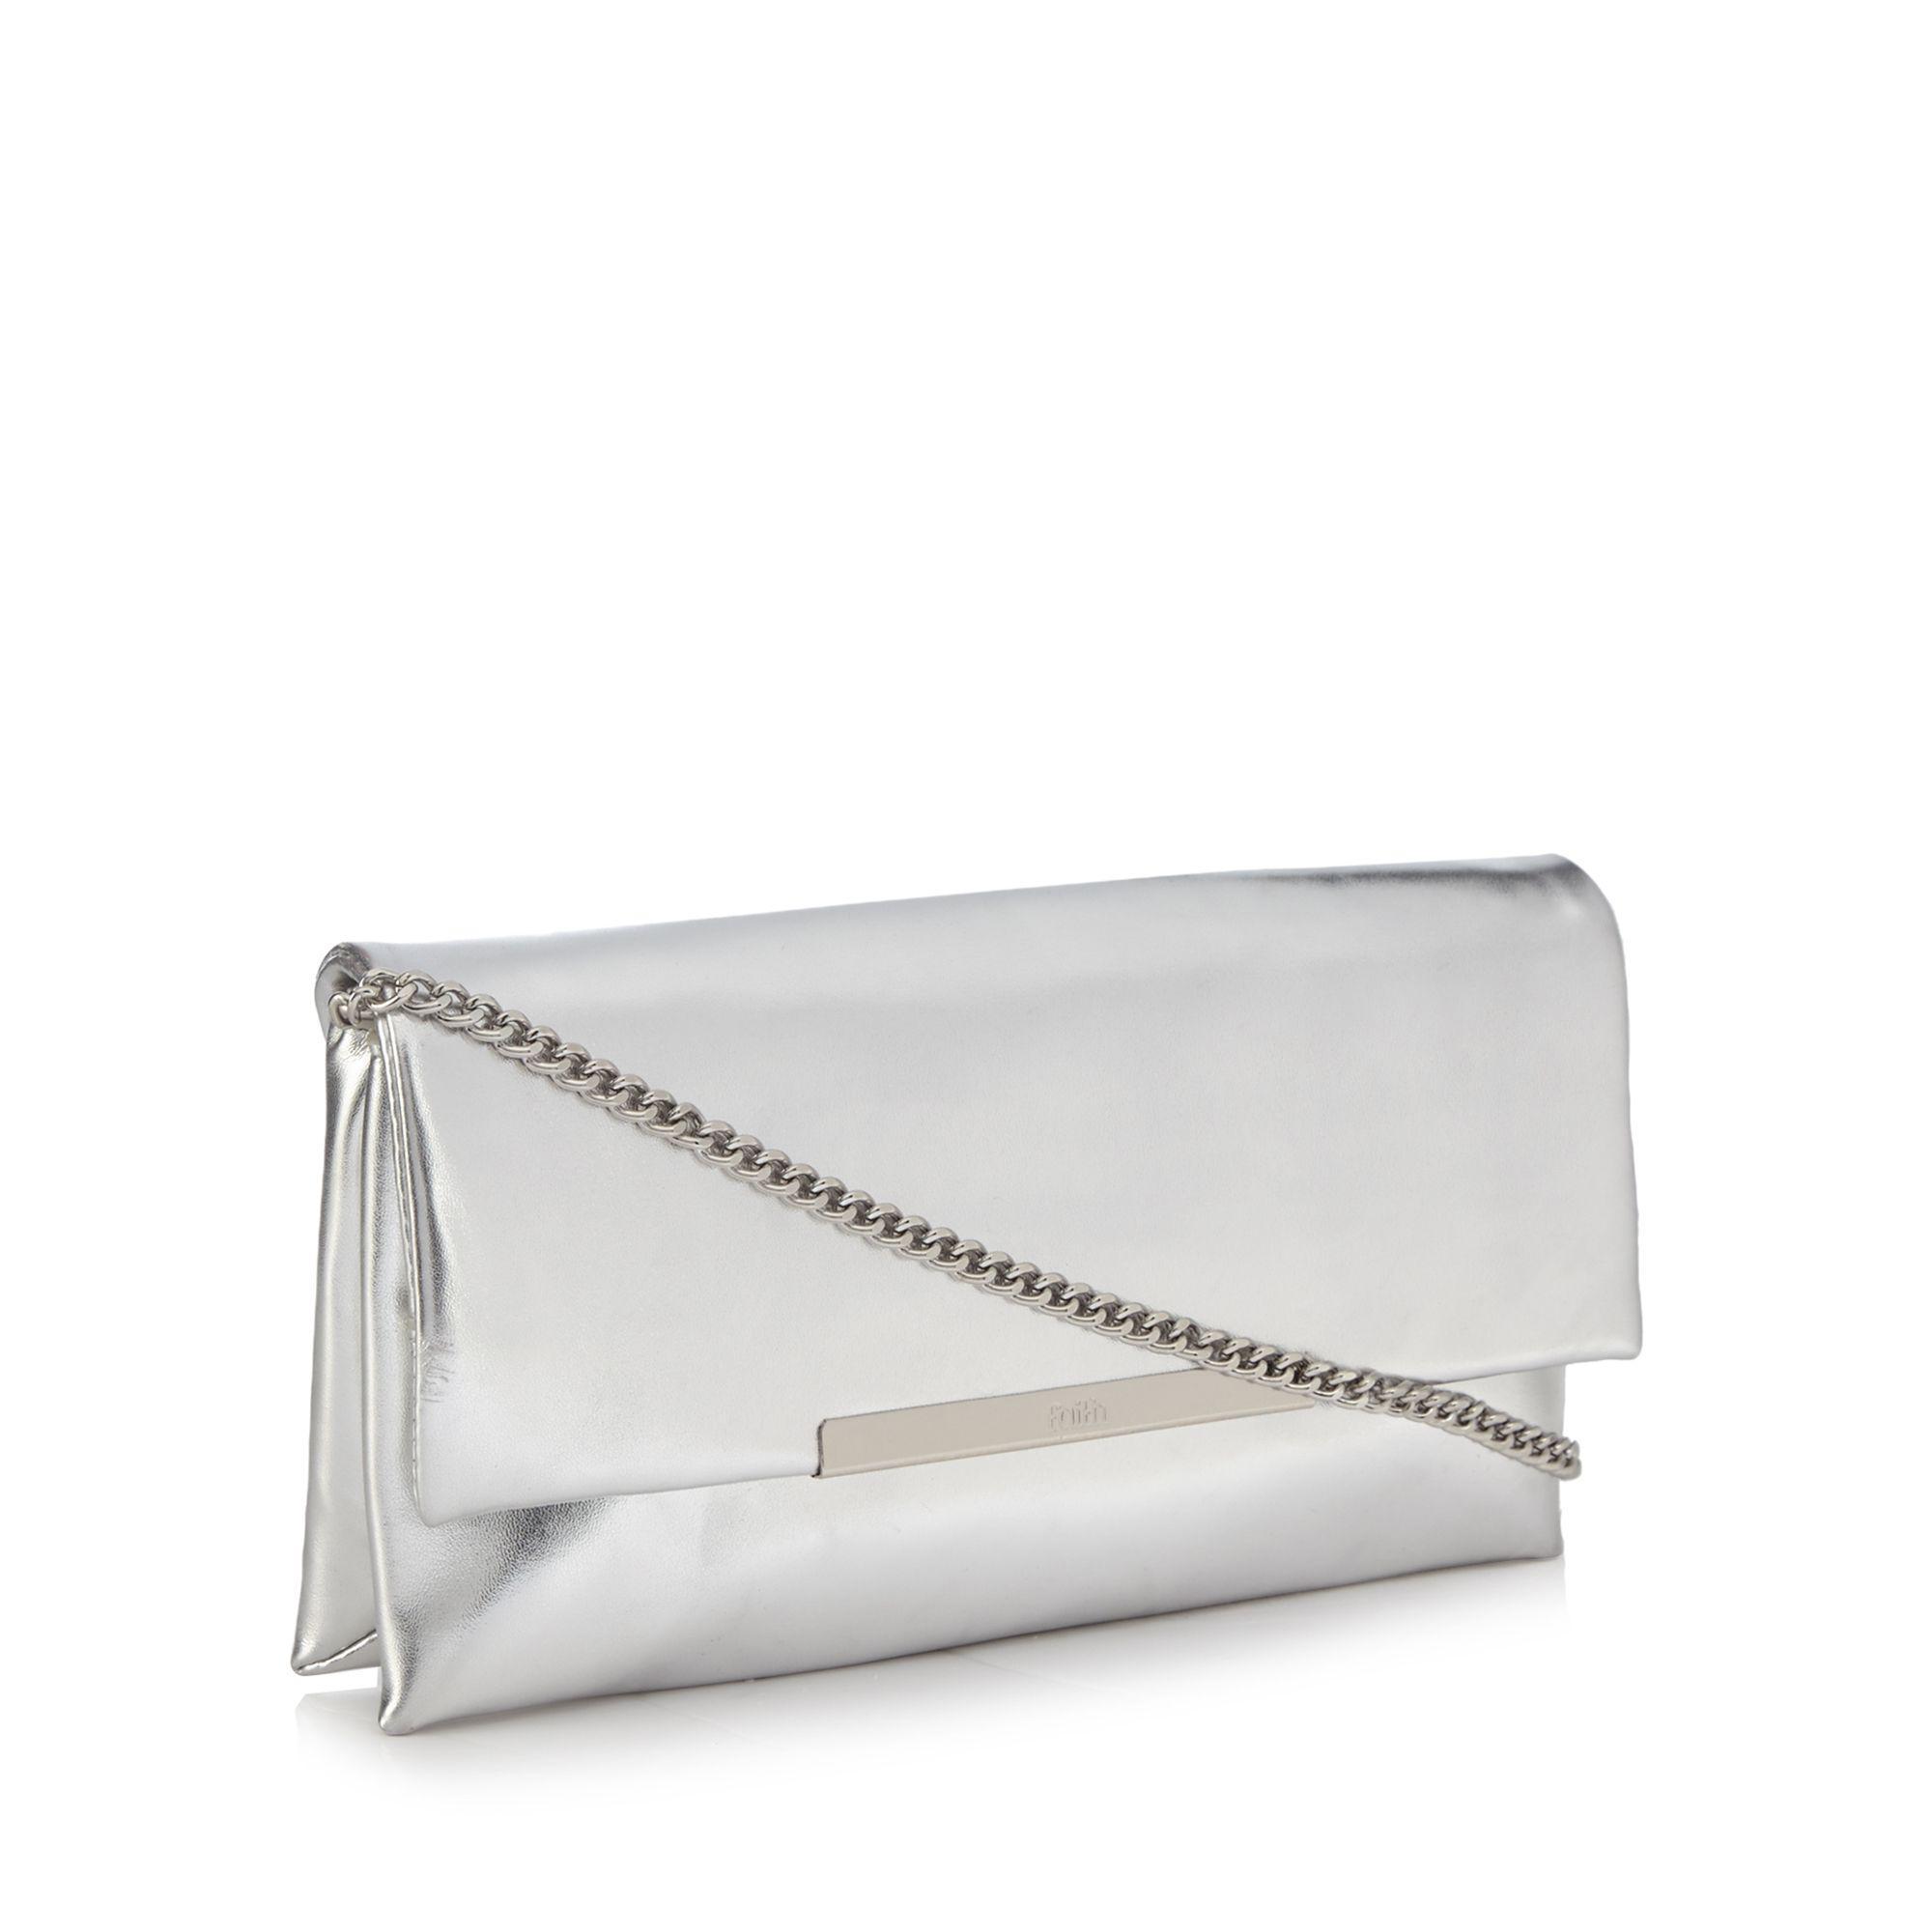 3dfc0d721b Faith Silver  pip  Clutch Bag in Metallic - Lyst